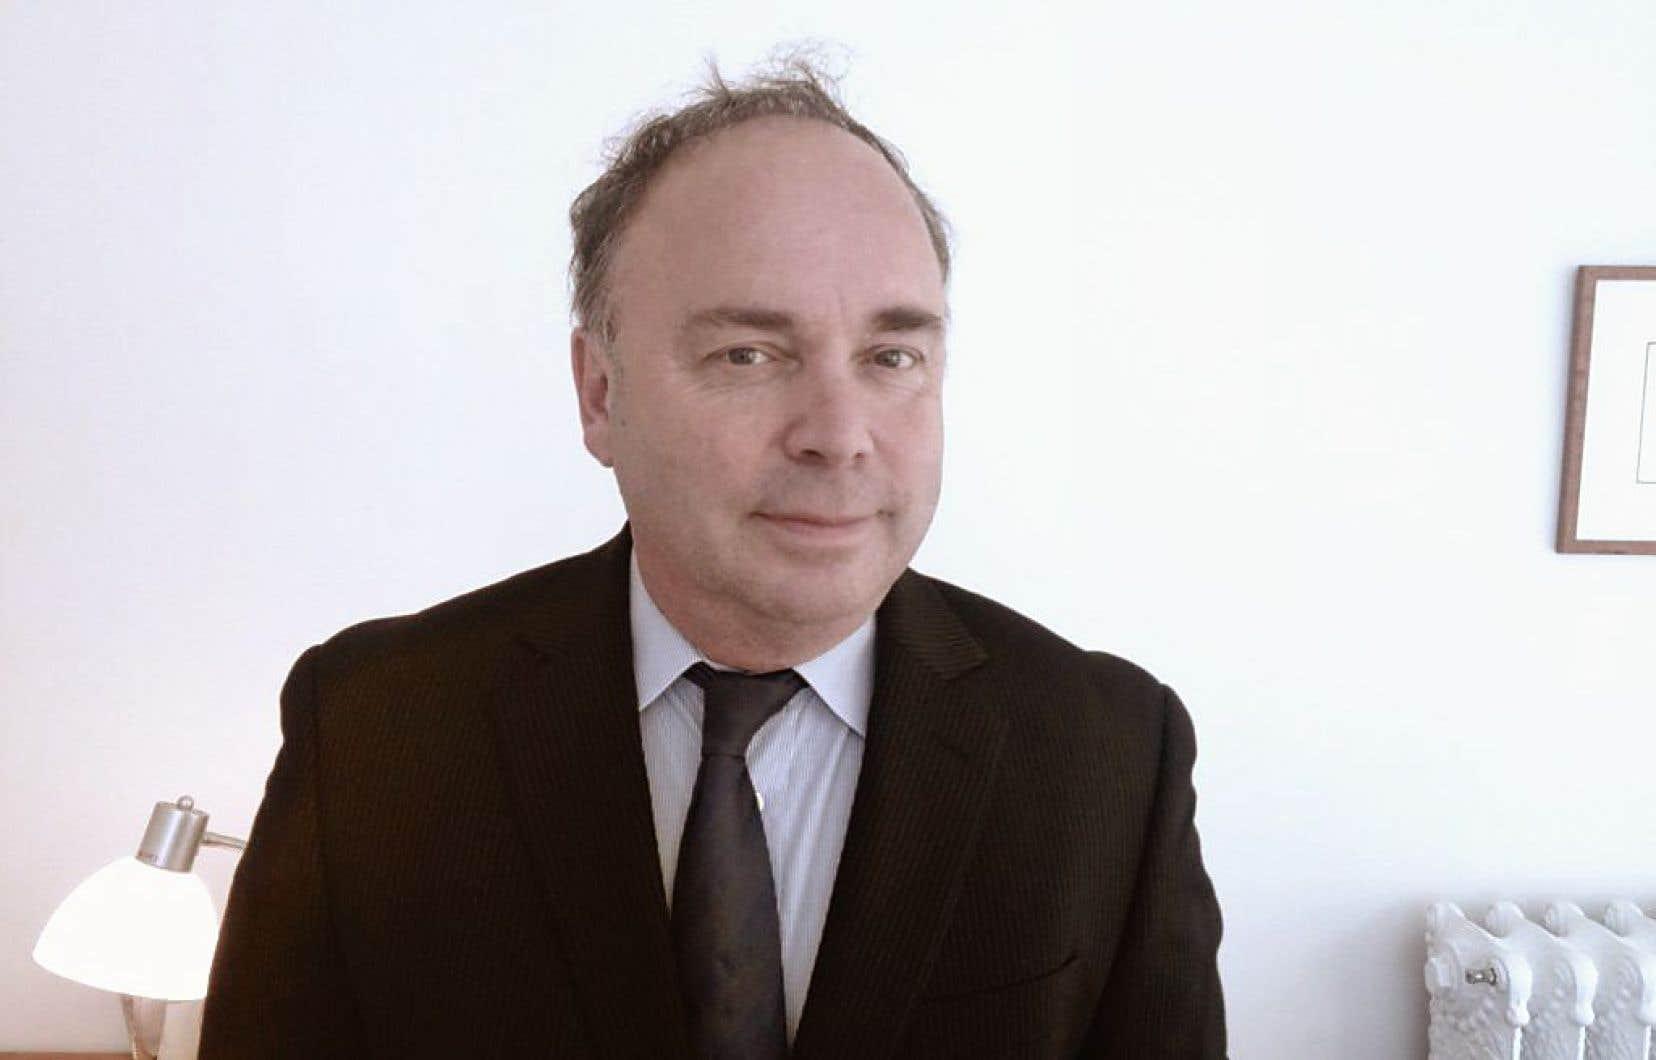 Si sa candidature se confirmait, François Marchand serait le deuxièmeopposant déclaré au maire.